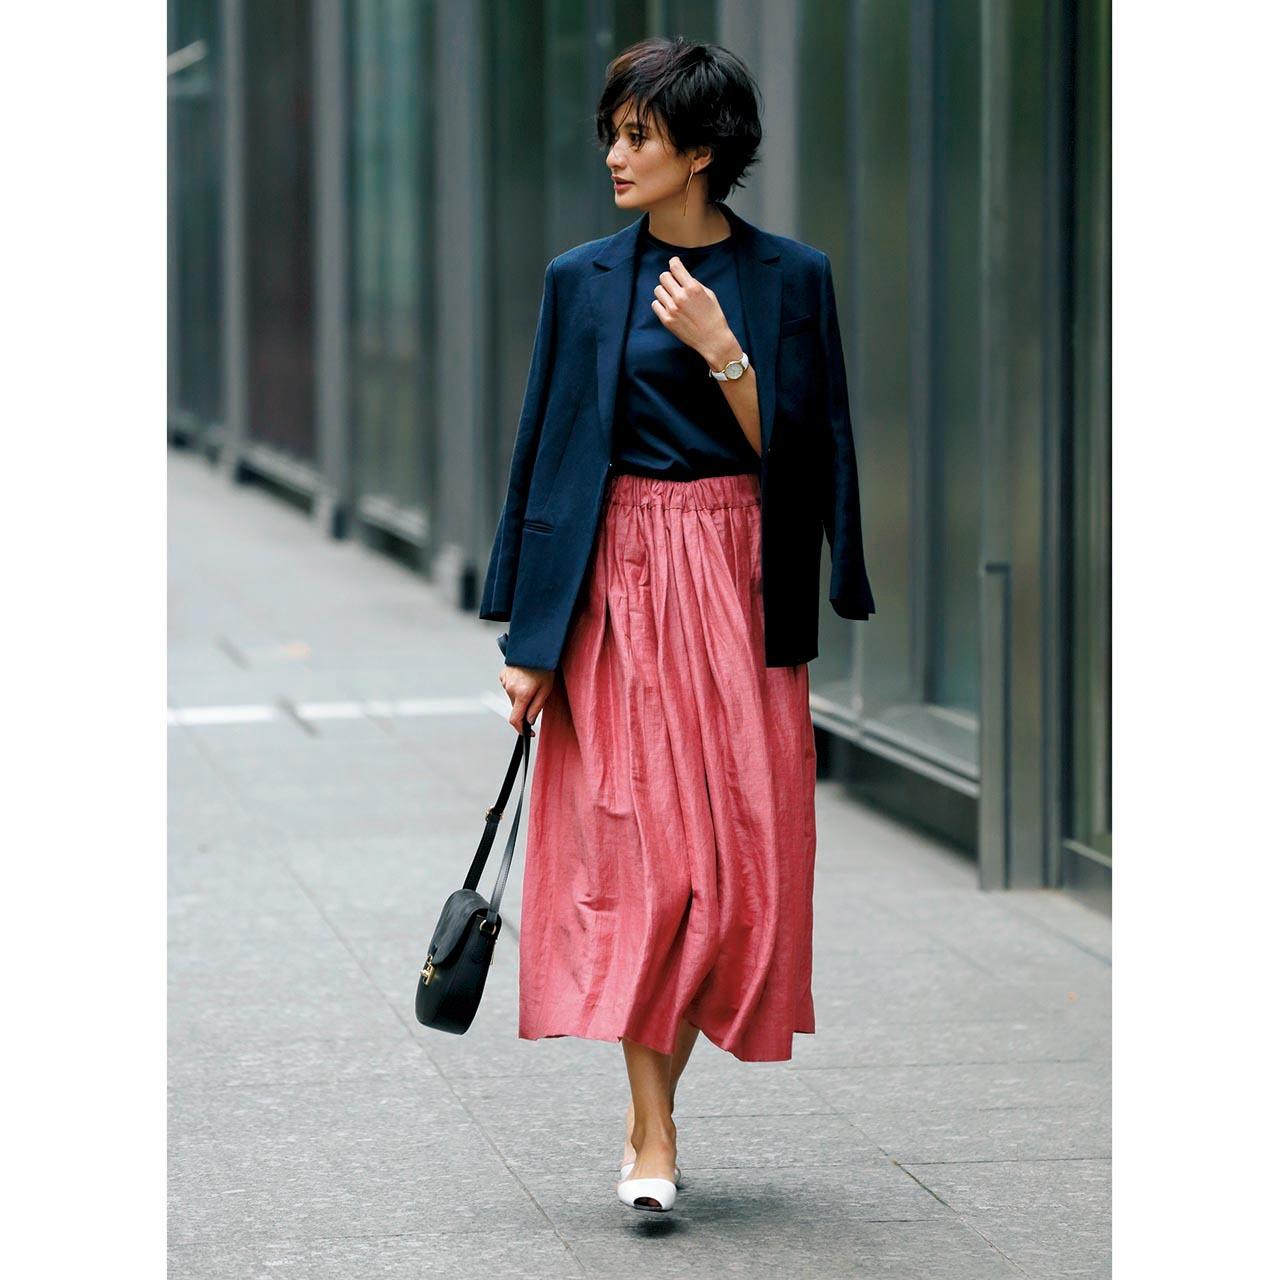 ジャケット×きれい色スカートコーデ